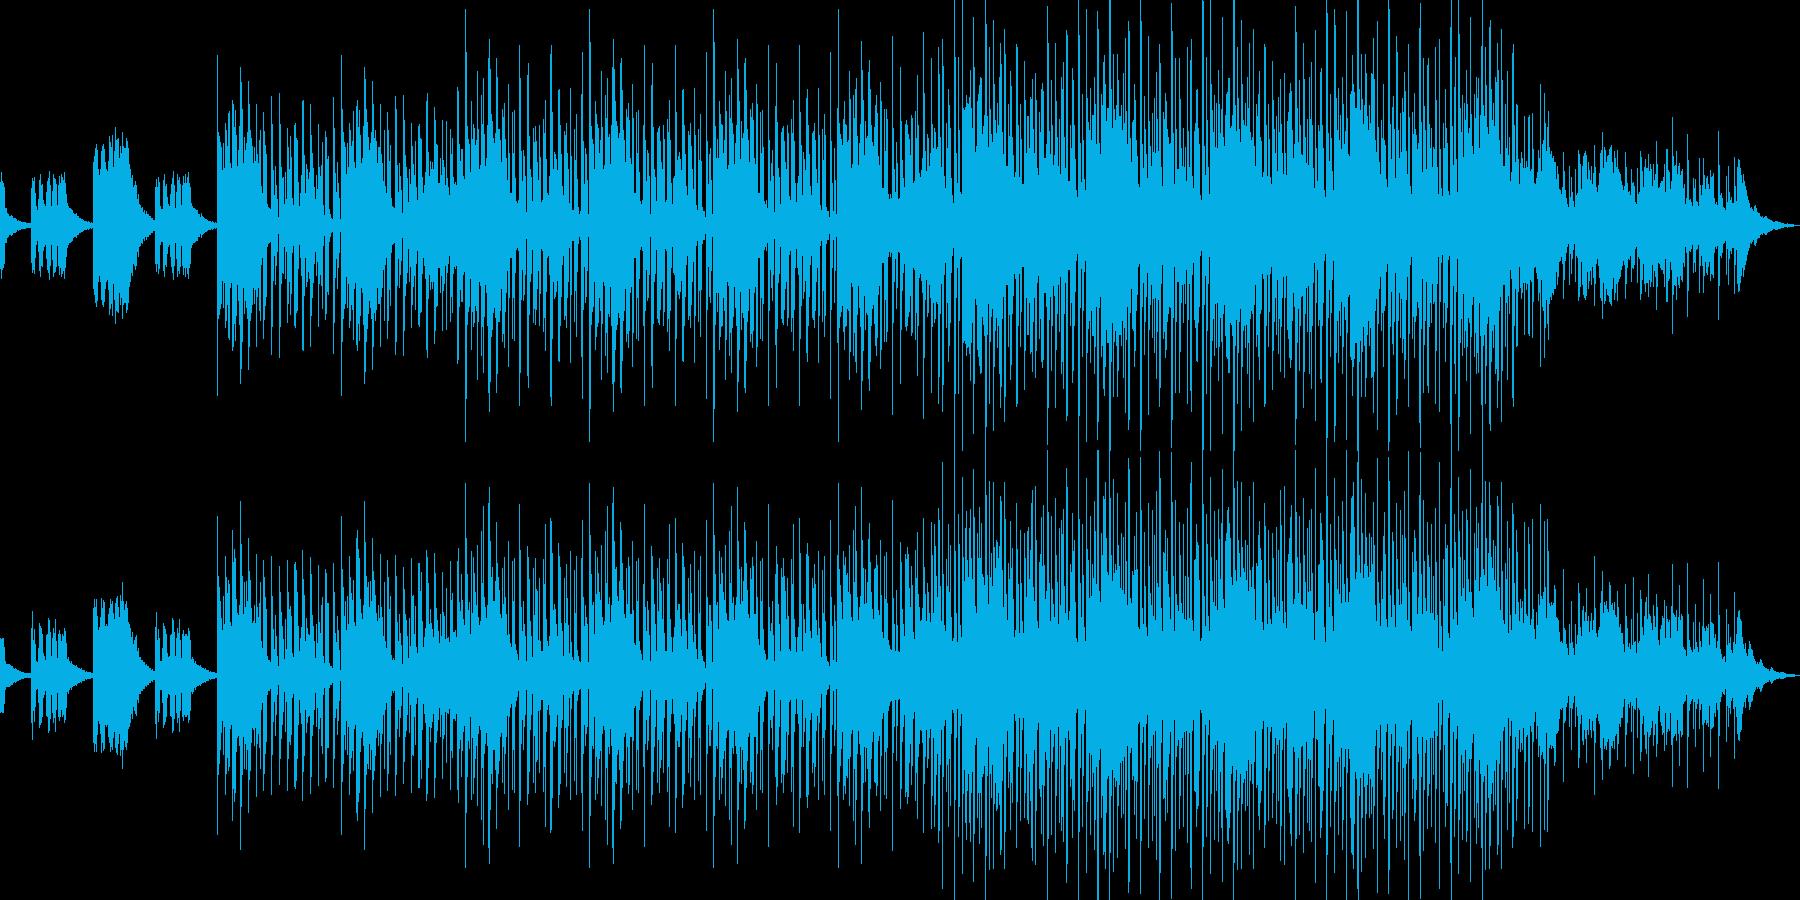 オシャレなクラブサウンドの再生済みの波形